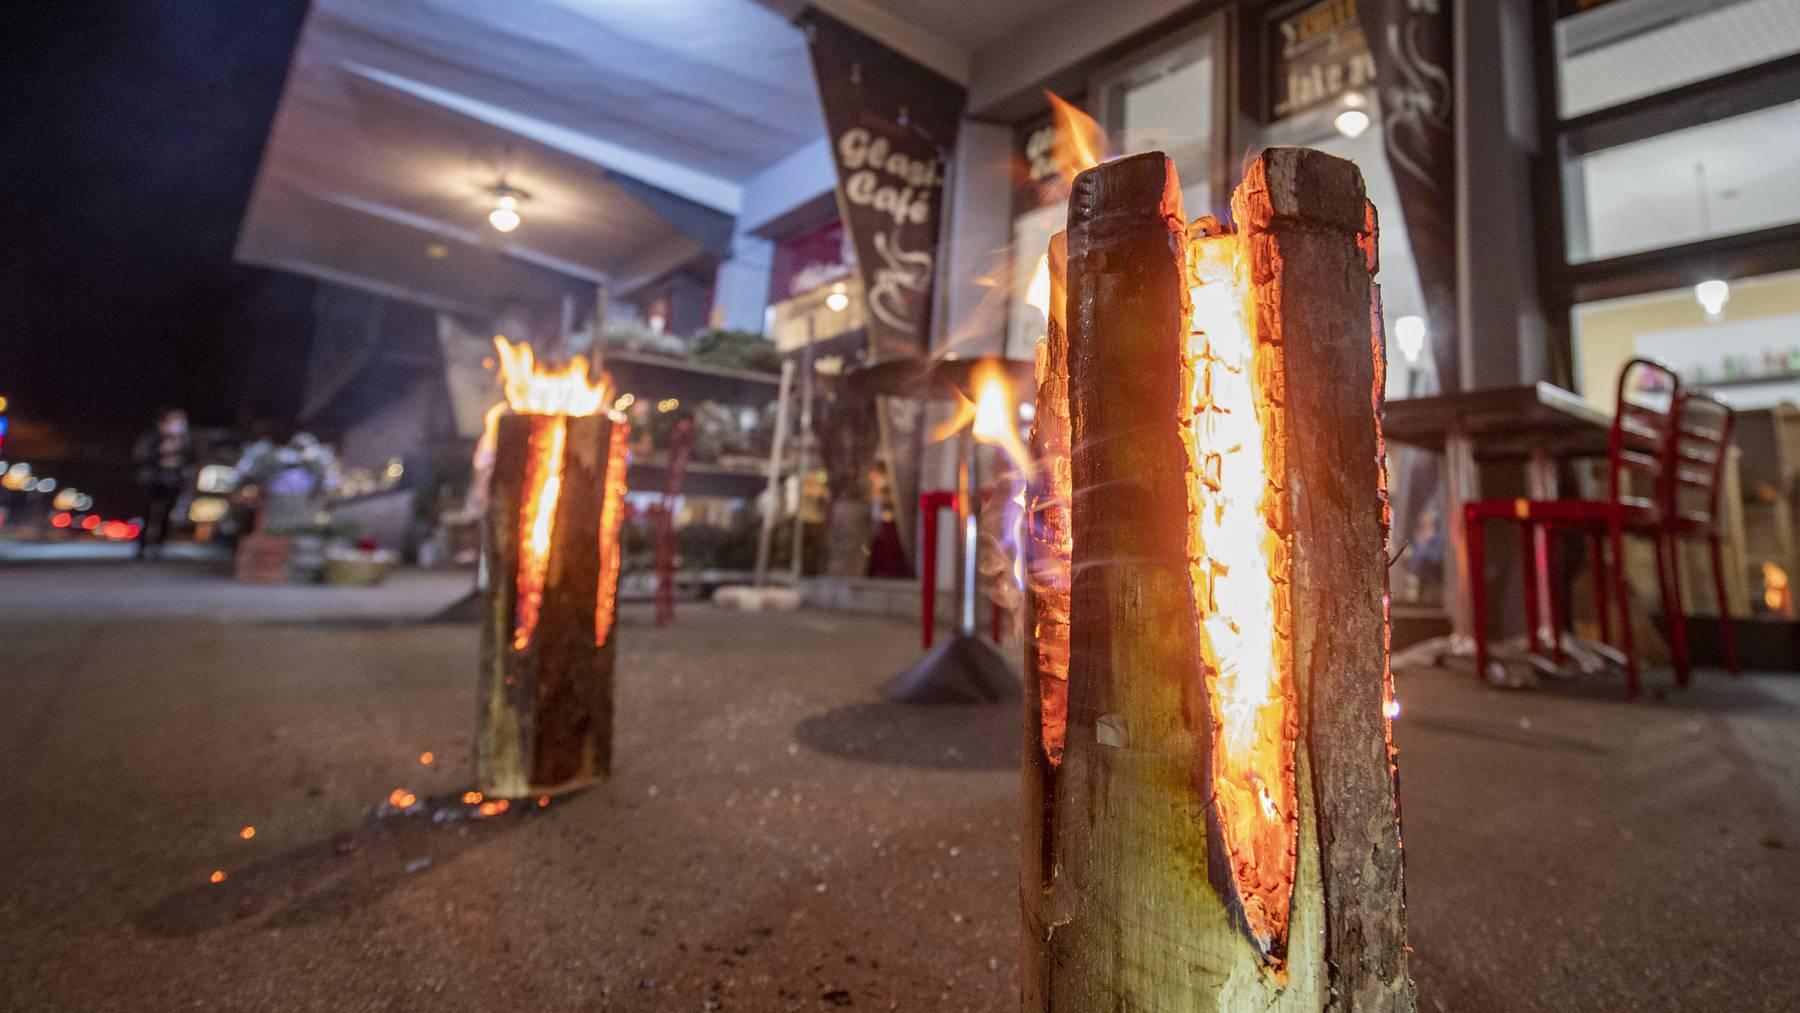 «Flächenbrand»: Am Donnerstag hatte die Gastrobranche noch Mahnfeuer entfacht – vergeblich, wie sich am Freitag zeigte.